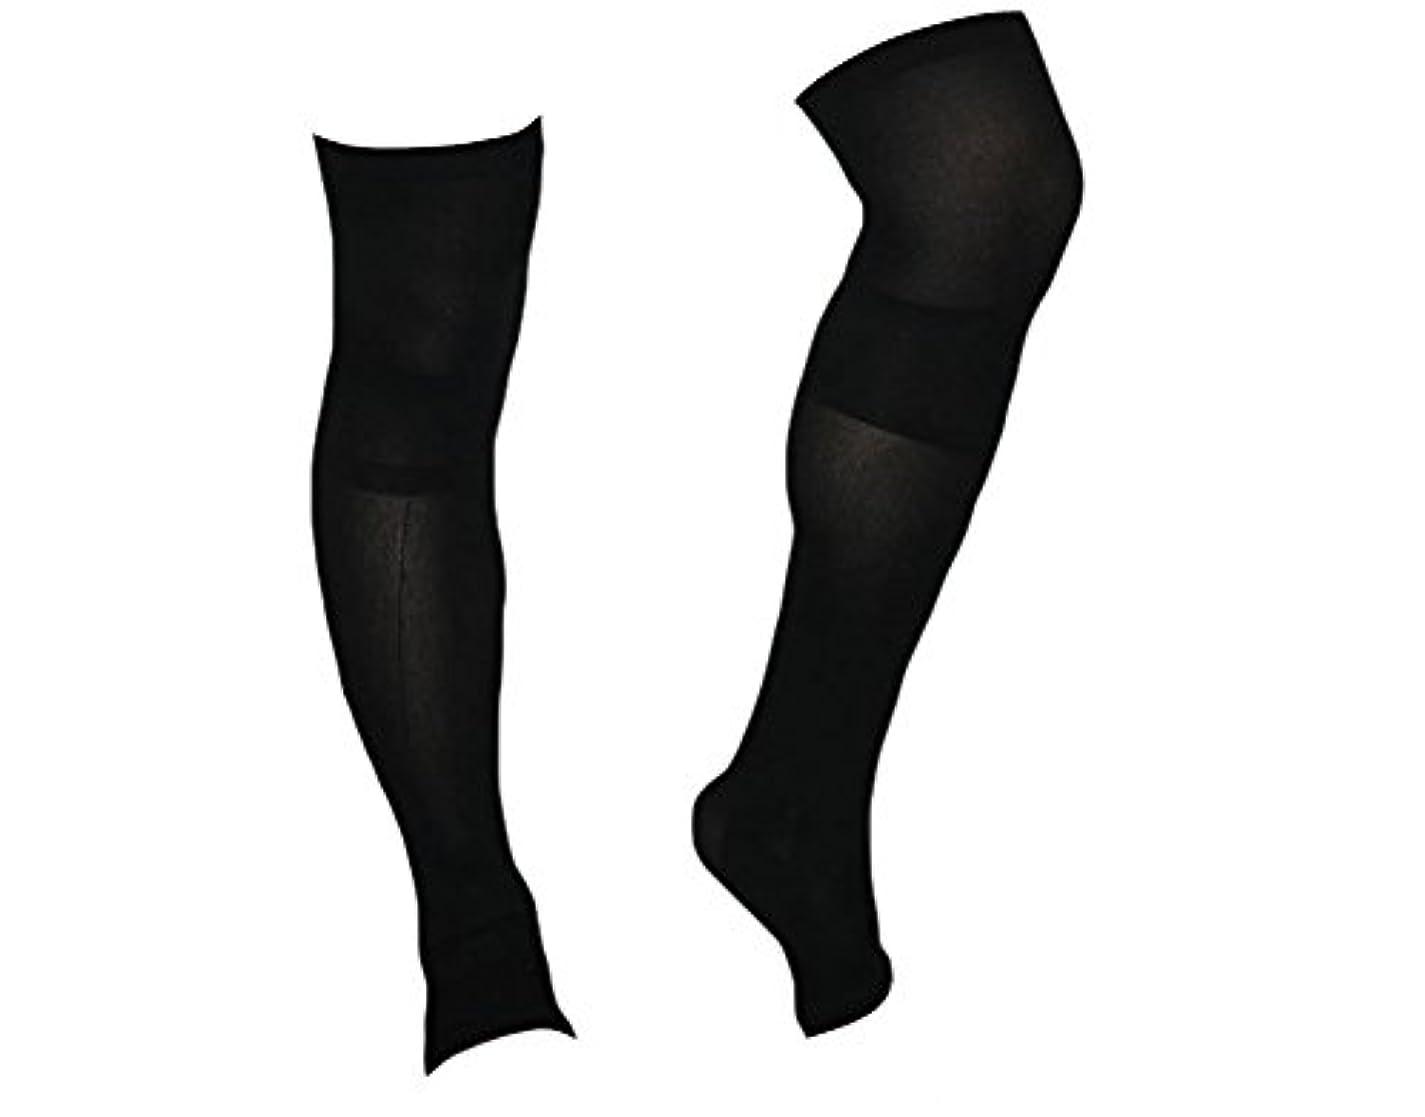 略奪線形ホイップ着圧ソックス スパルタックス メンズ 加圧 ソックス 靴下 男性用 (ひざ上丈)